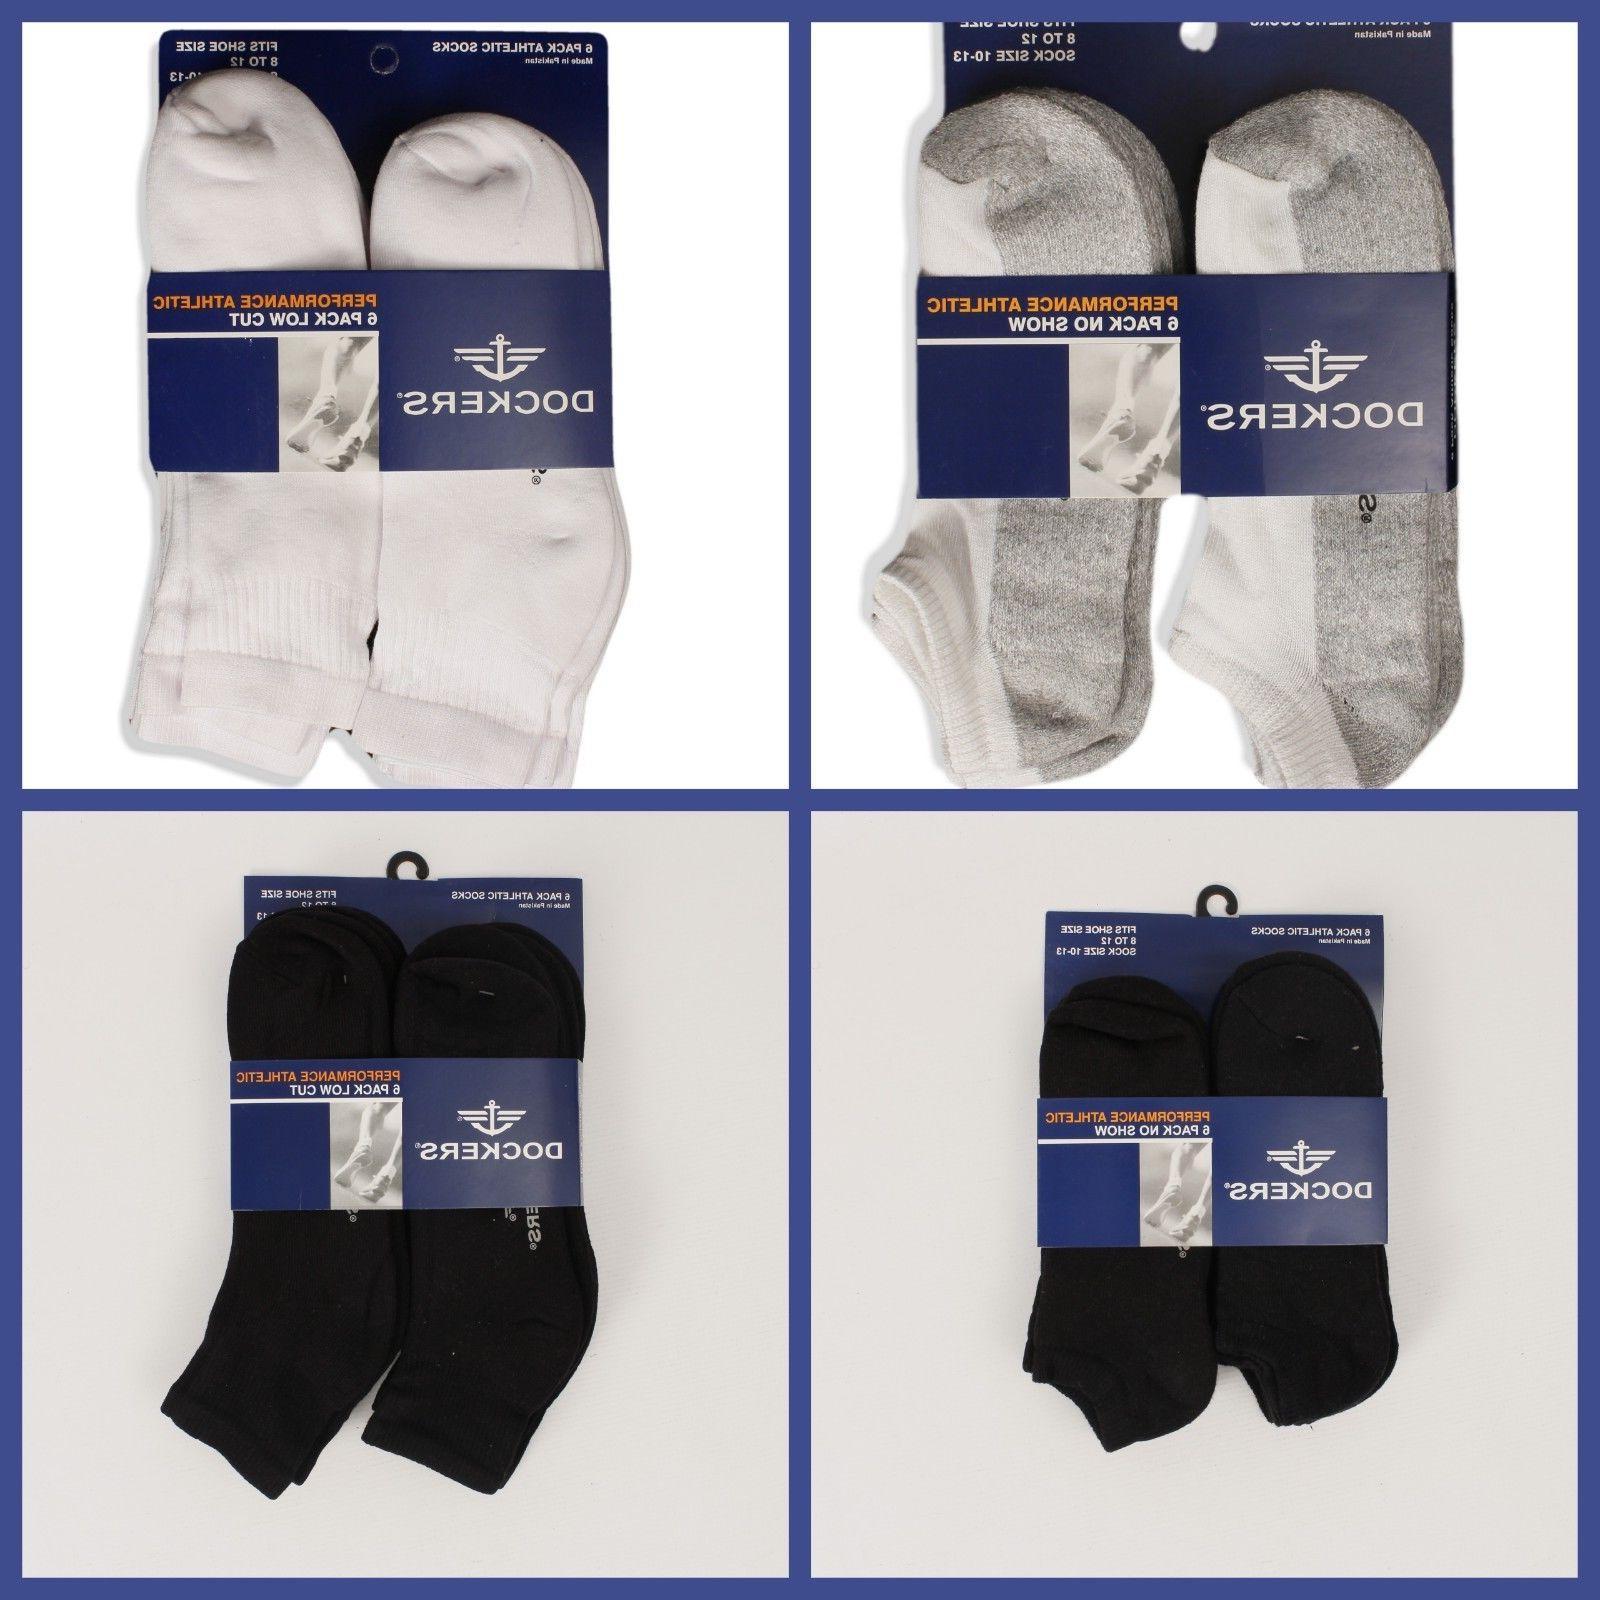 athletic socks 6 pack men size 10